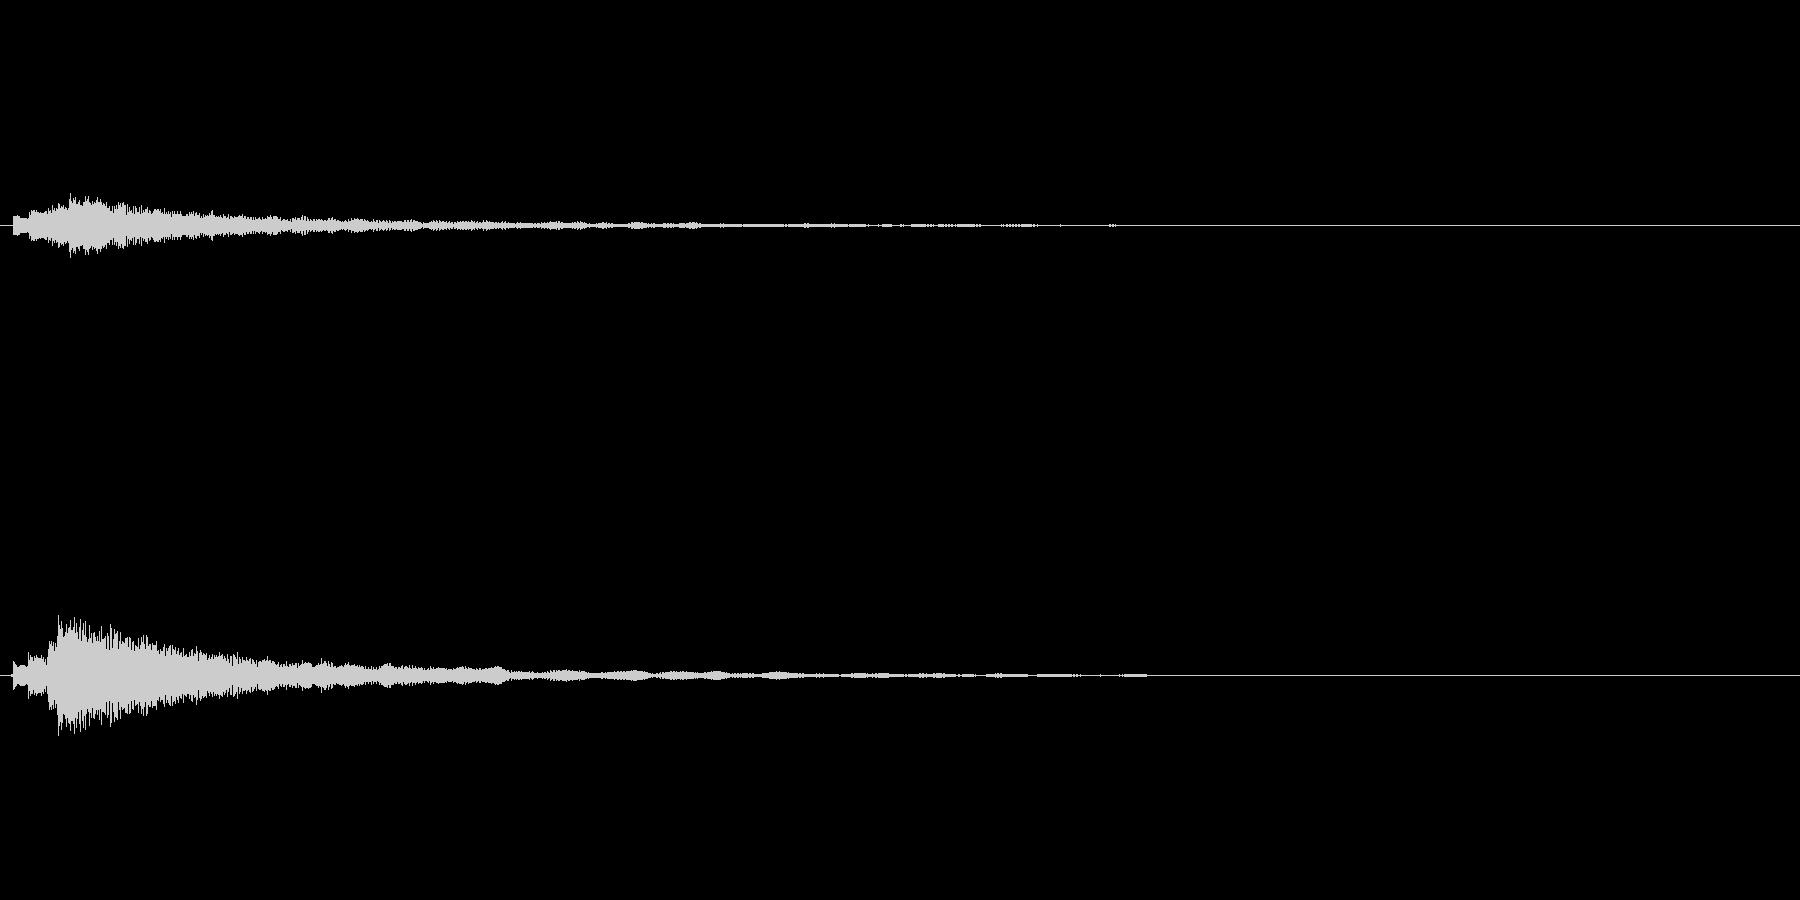 キラキラ系_043の未再生の波形